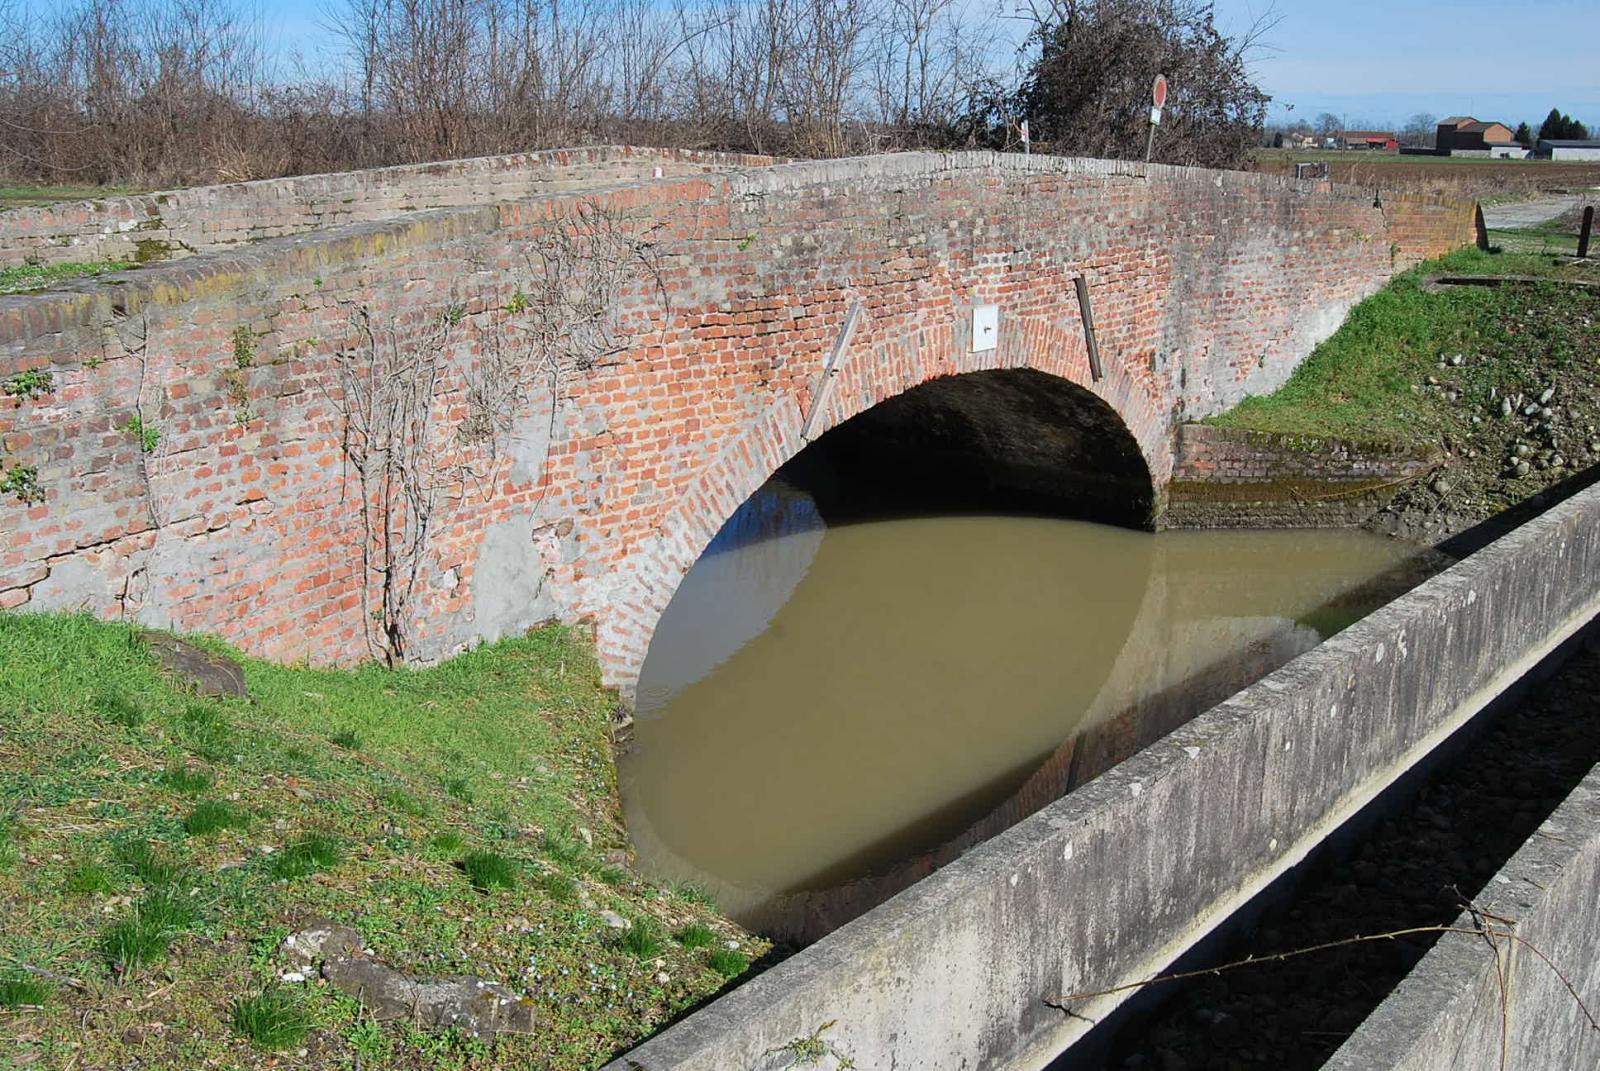 Il ponte in mattoni rossi dove occorre passare in sponda destra.